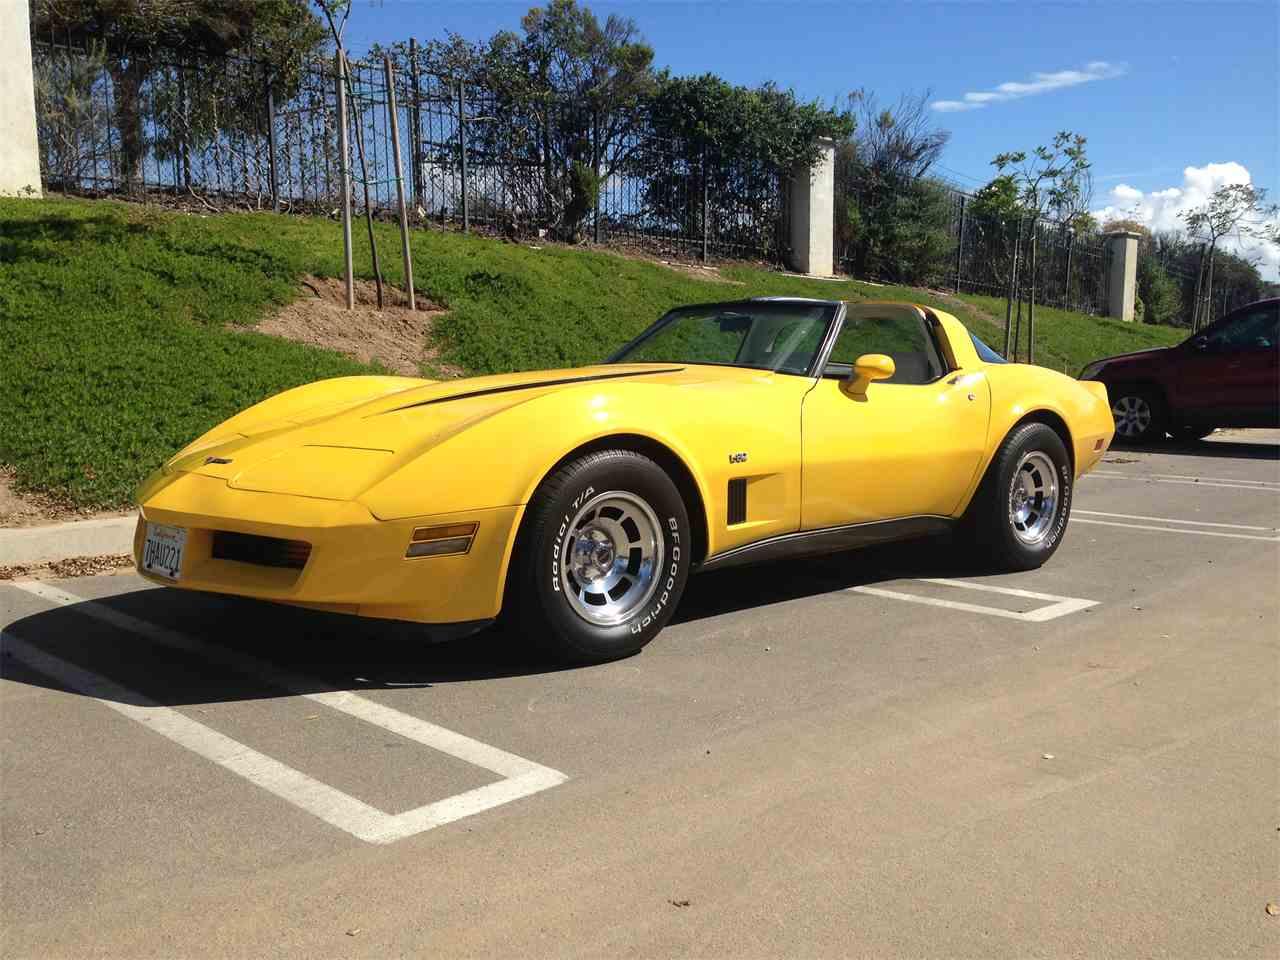 1980 Corvette For Sale >> 1980 Chevrolet Corvette L82 for Sale | ClassicCars.com | CC-713428